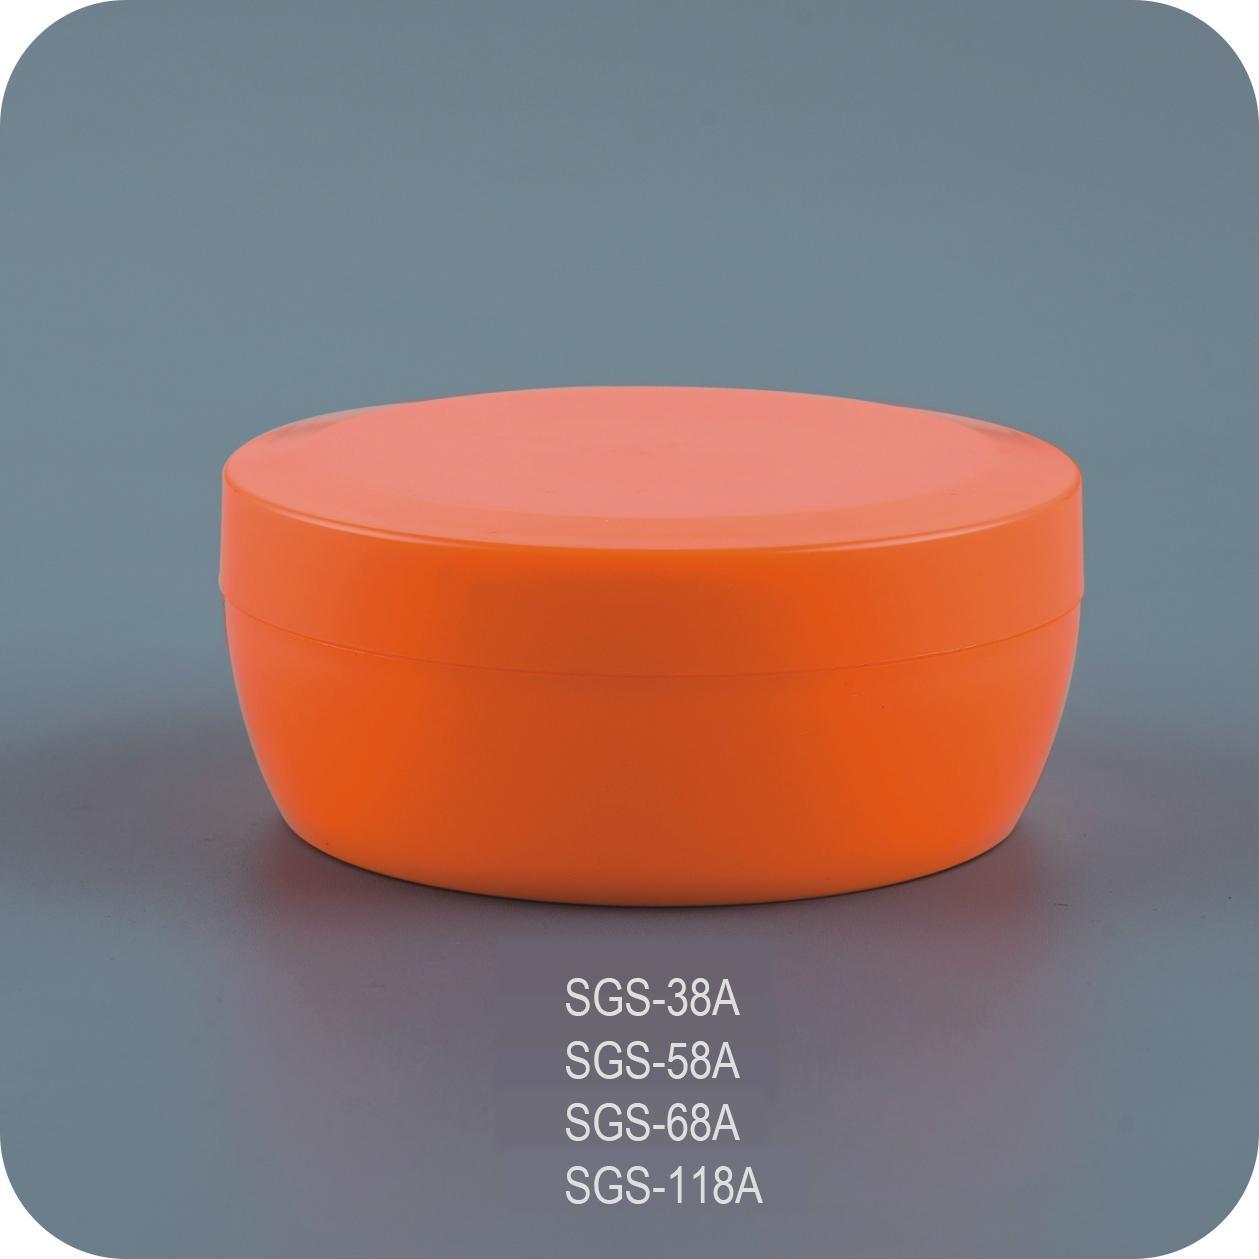 80g Colorful Face Cream Jar 3